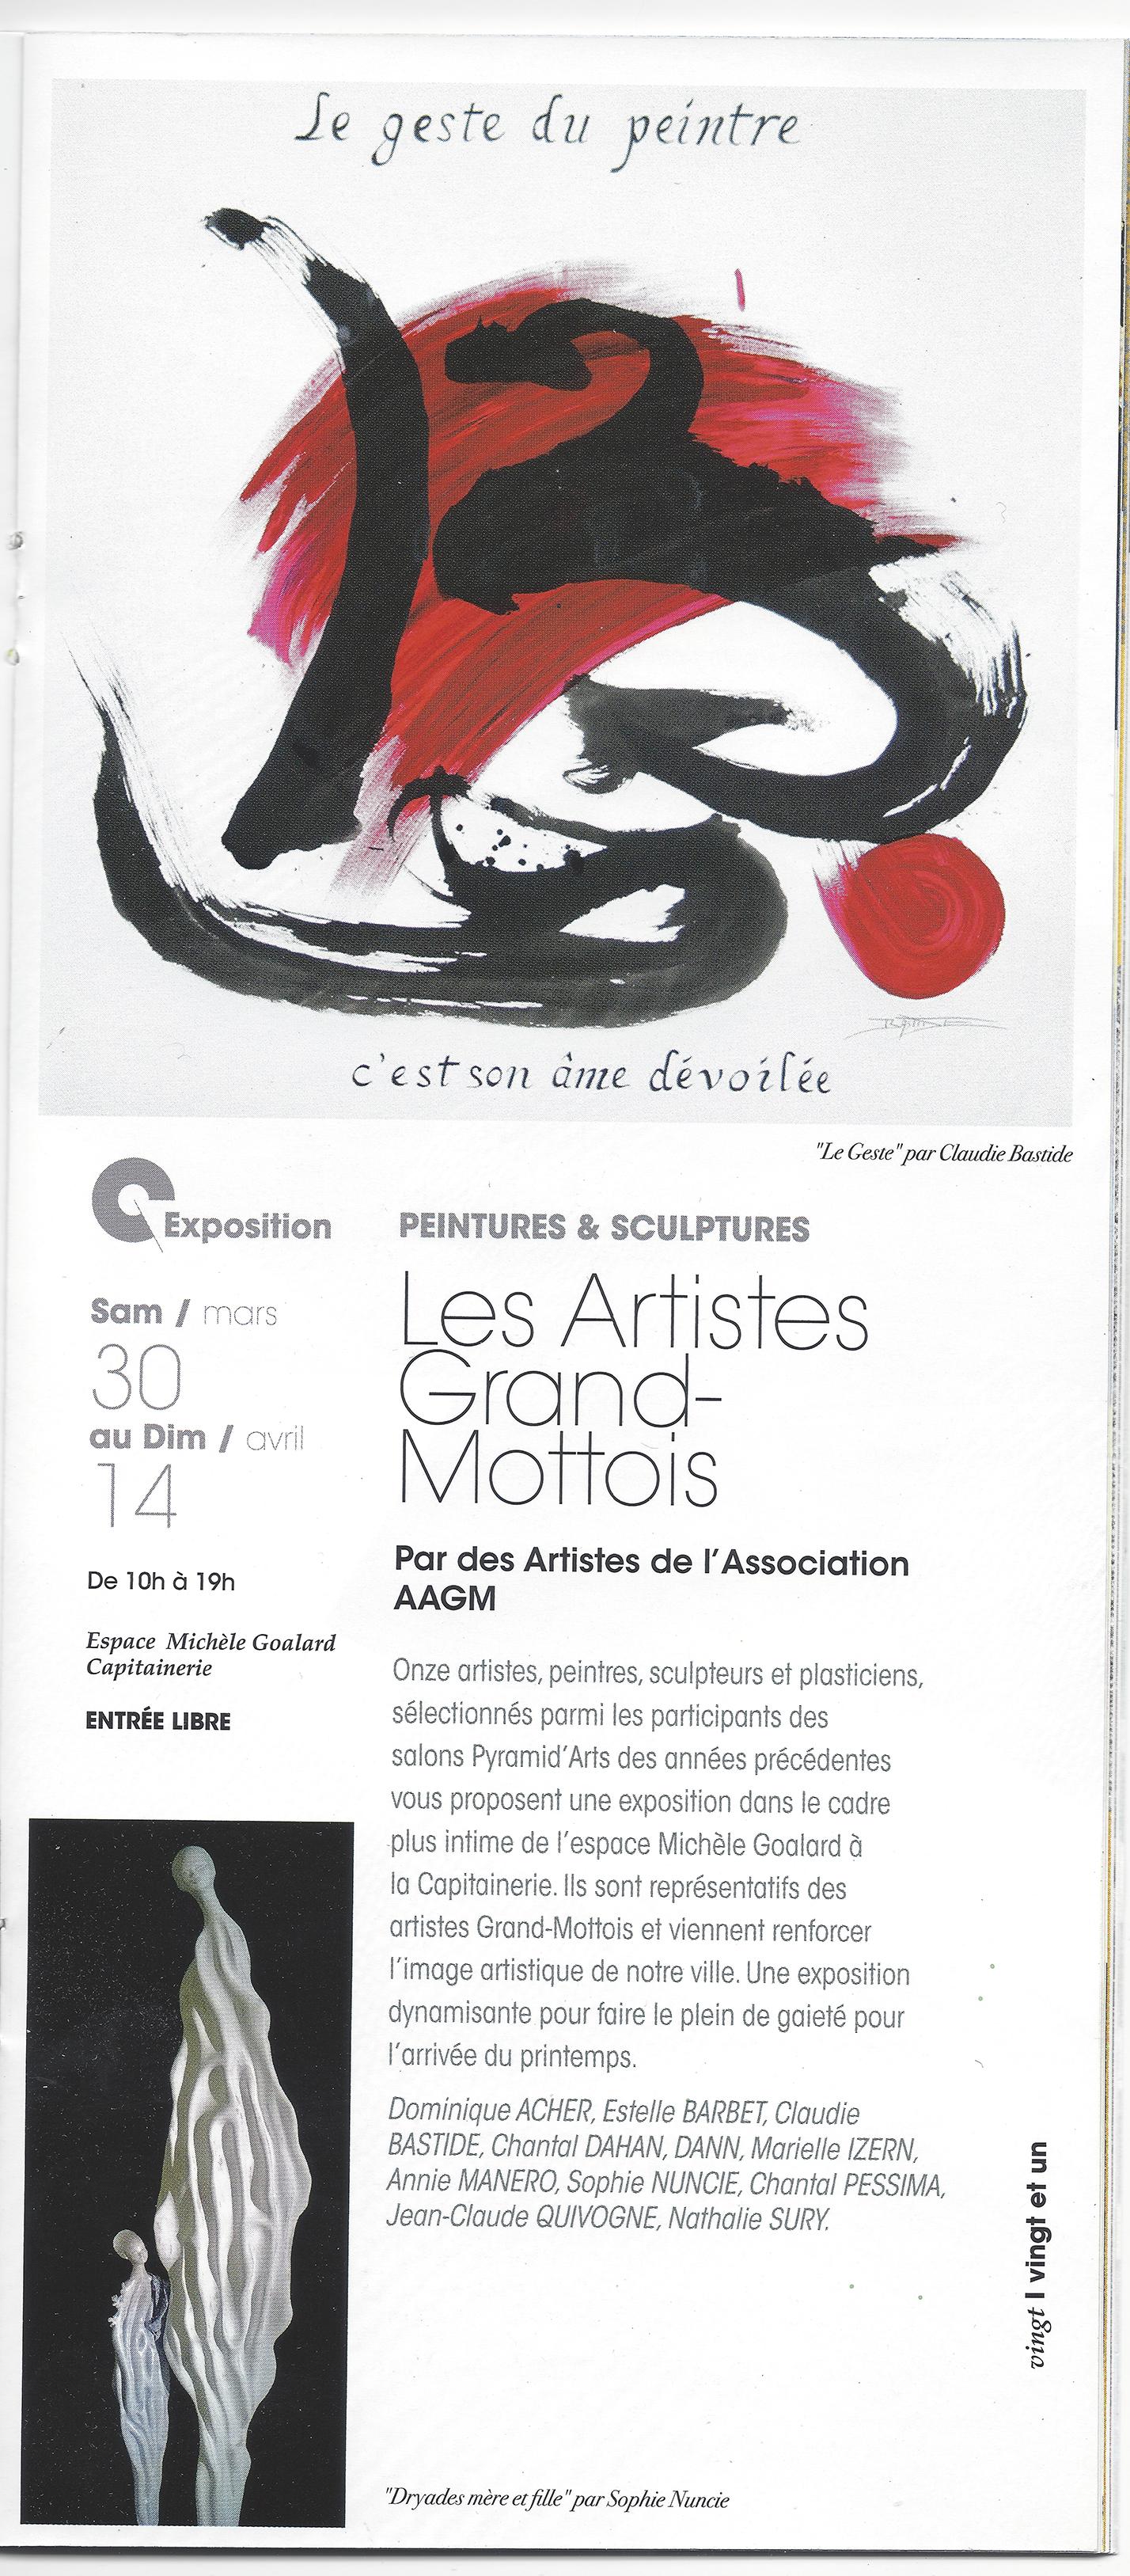 exposition des Artistes Grand-Mottois du 30 mars au 14 avril à l'Espace Goalard